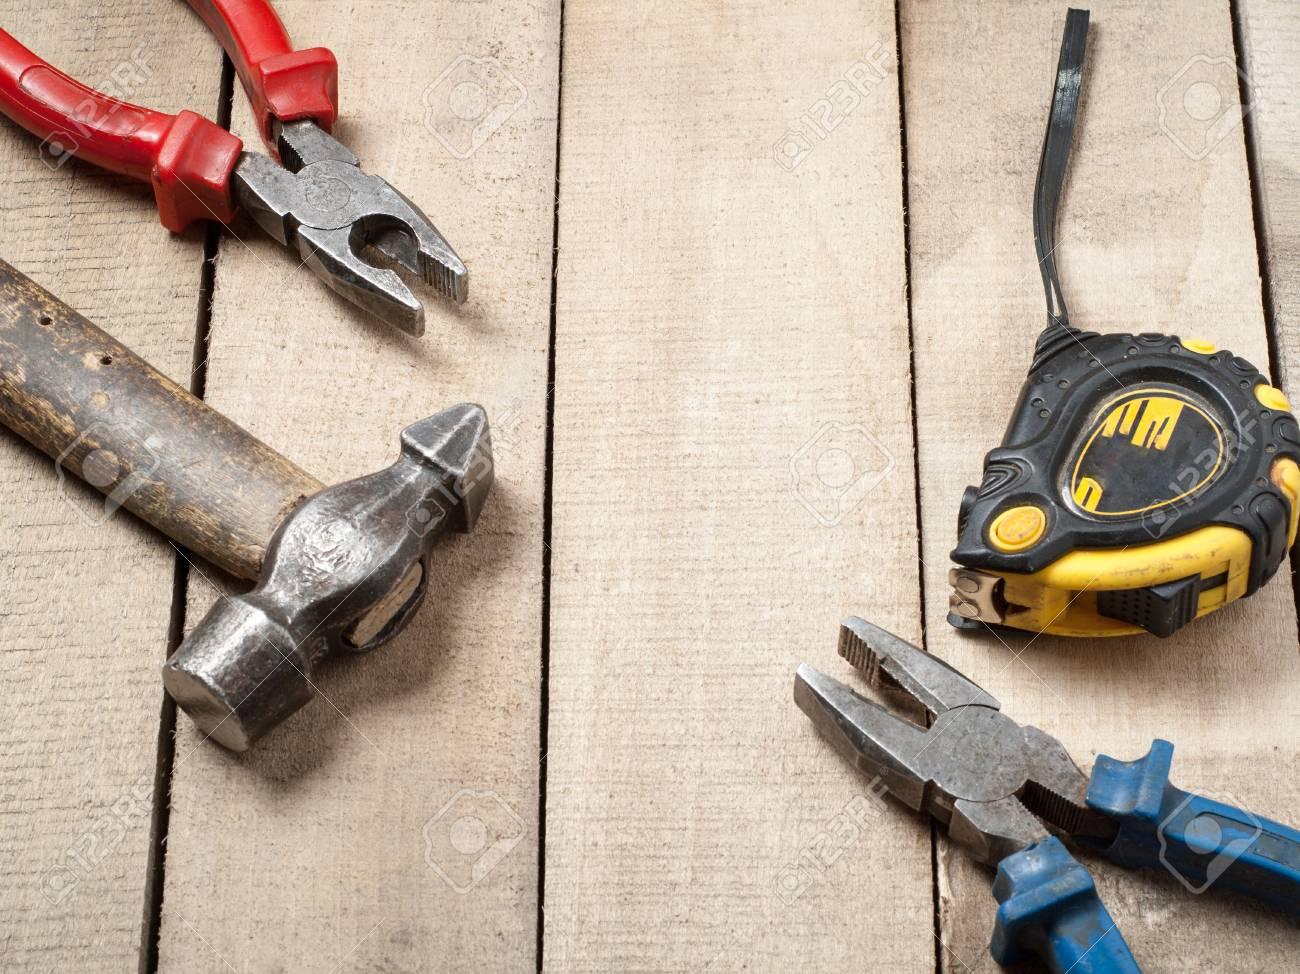 Strumenti Per Lavorare Il Legno : Utensili per lavorare il legno